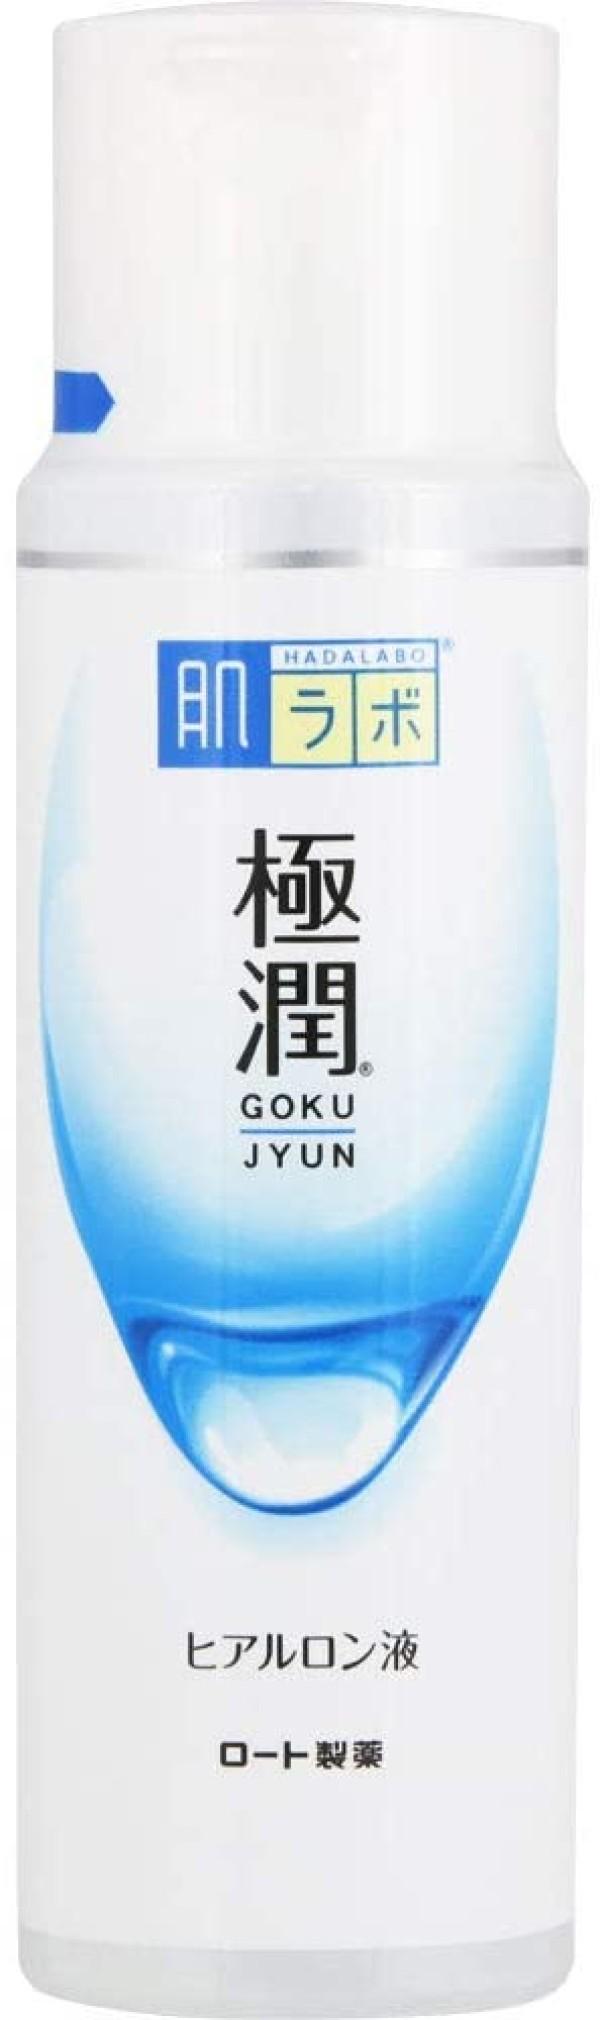 Увлажняющий гиалуроновый лосьон Hada Labo Gokujyun Super Hyaluronic Acid Lotion